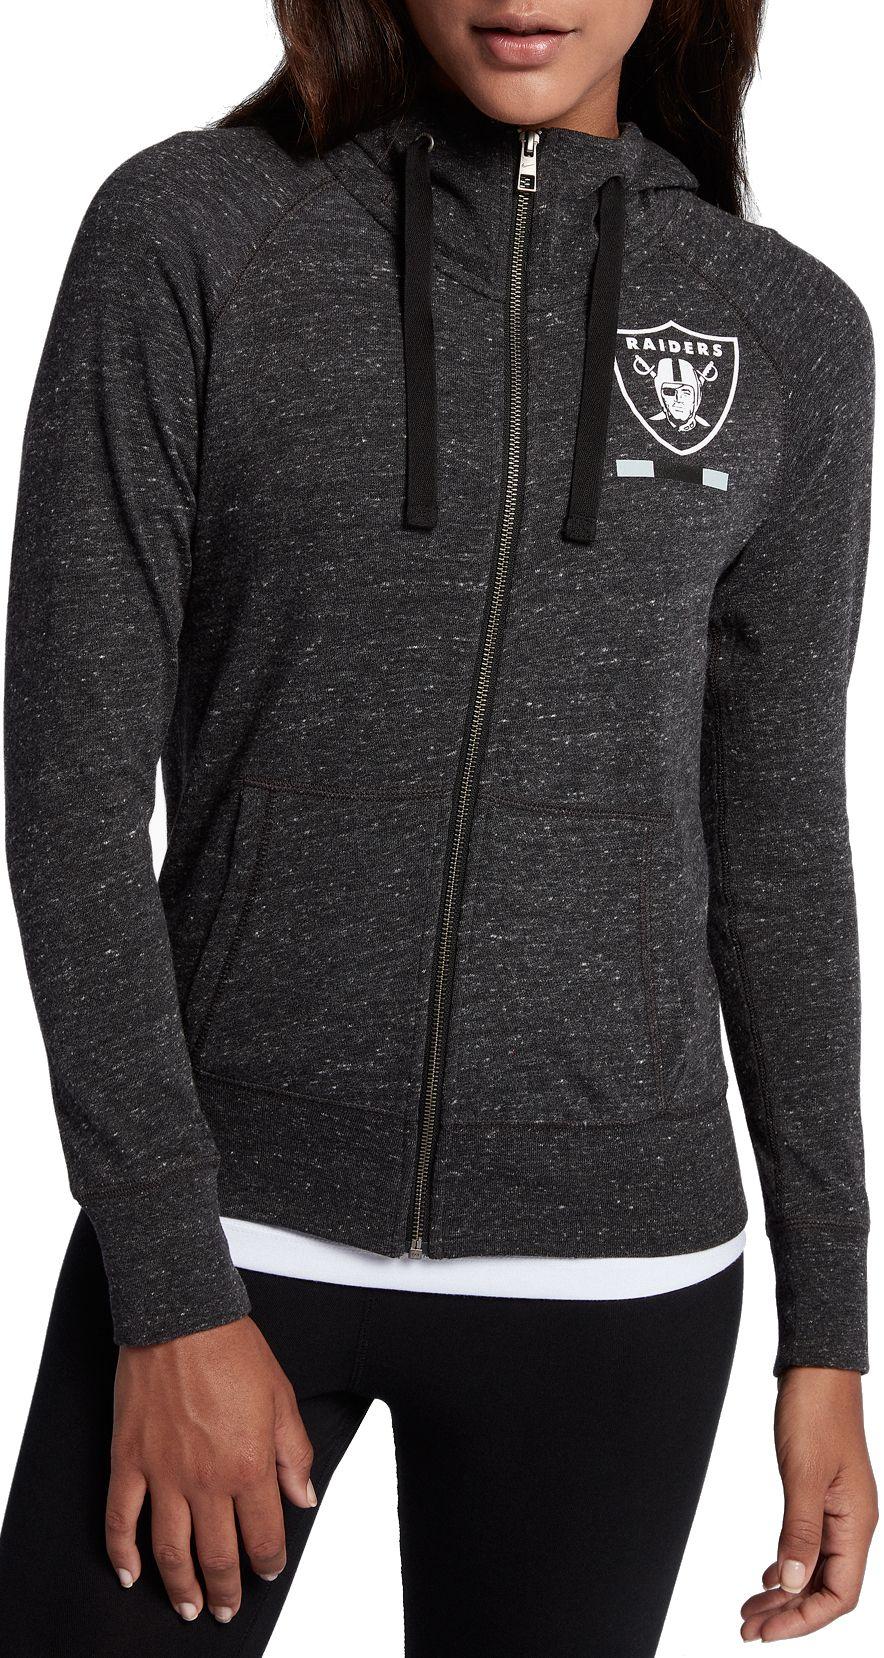 3dbc6613d9d0 Nike Women s Oakland Raiders Gym Vintage Full-Zip Black Hoodie ...